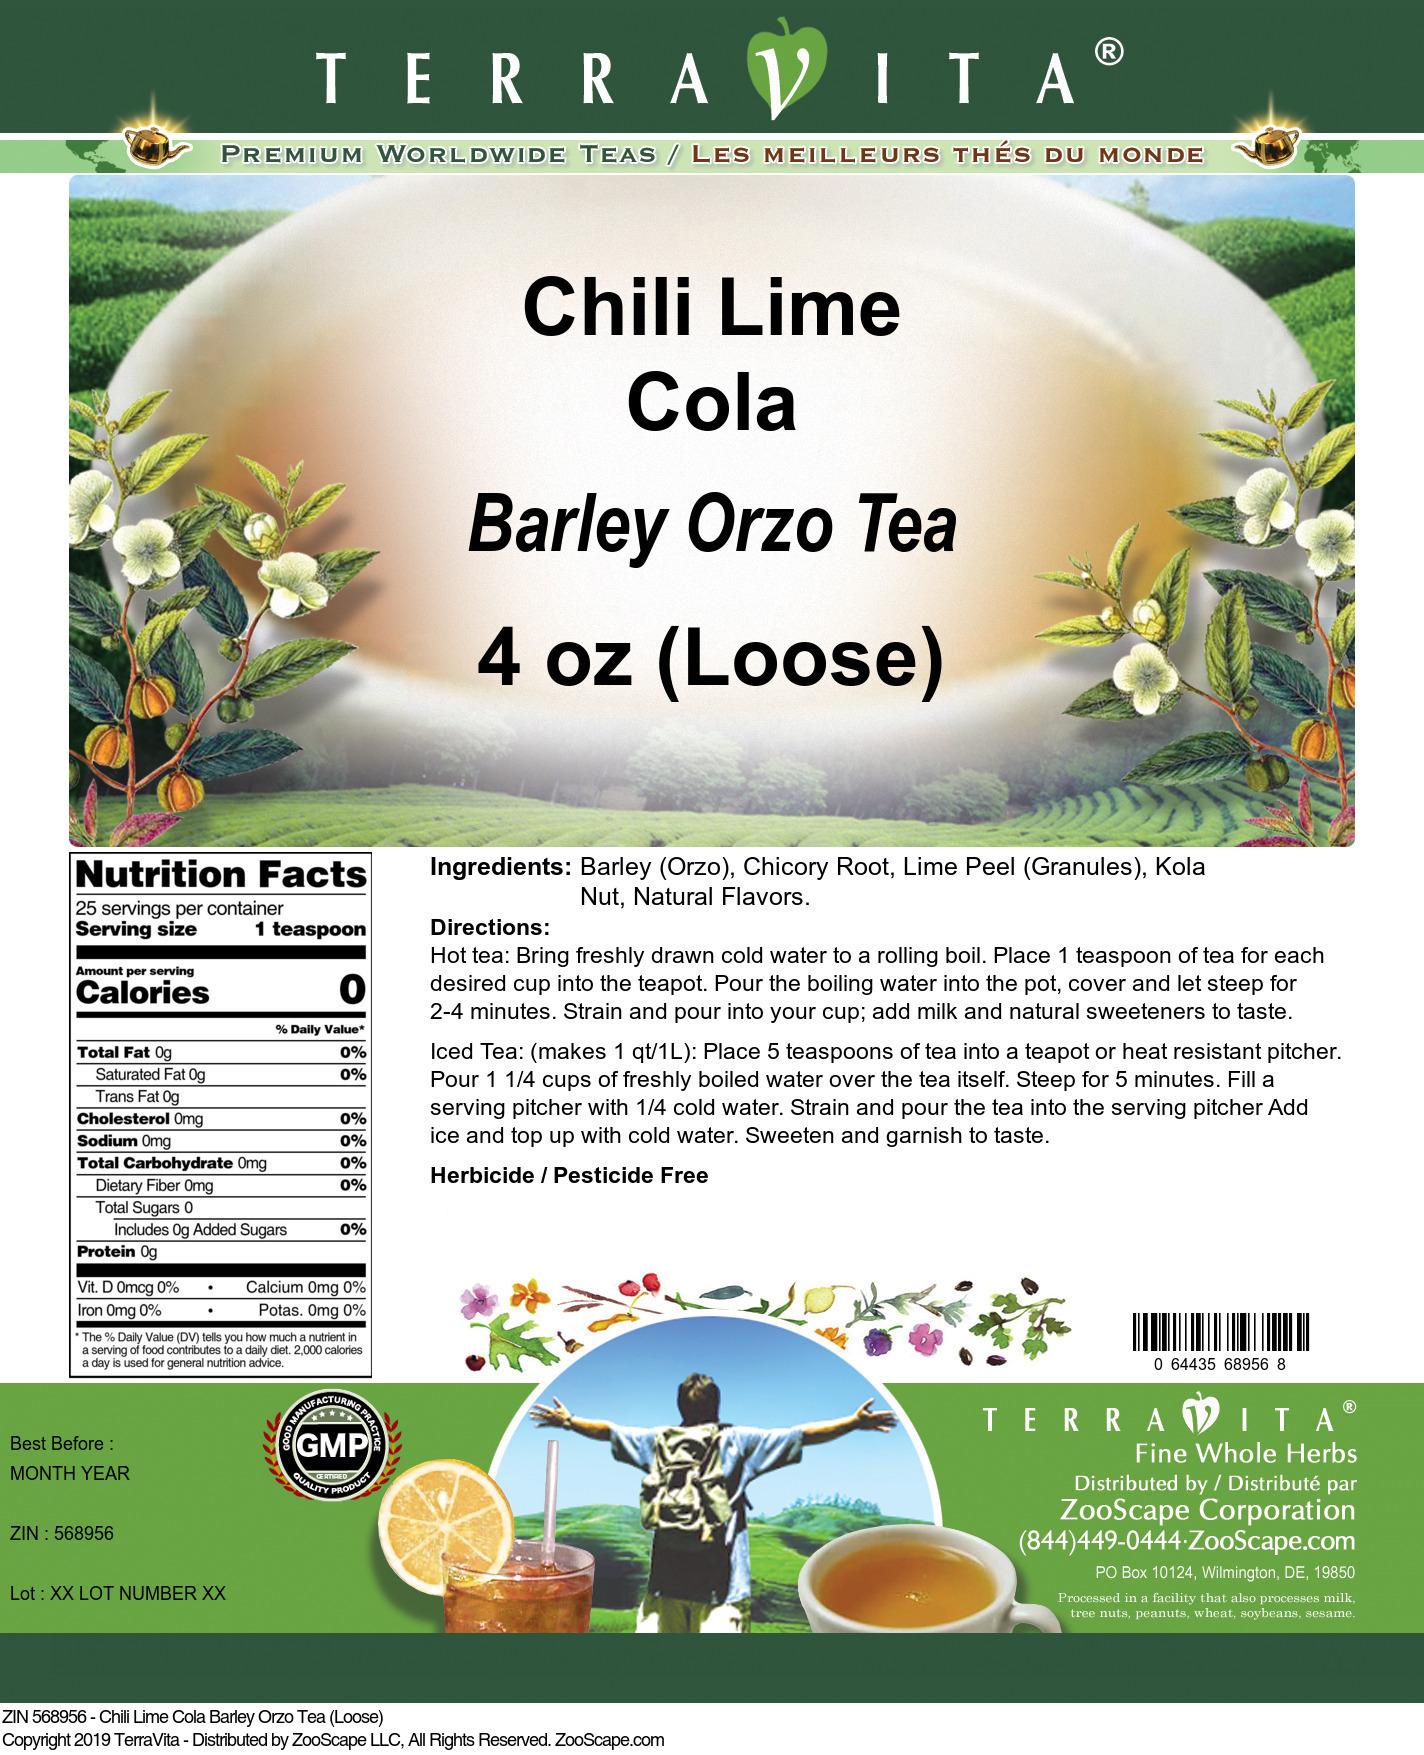 Chili Lime Cola Barley Orzo